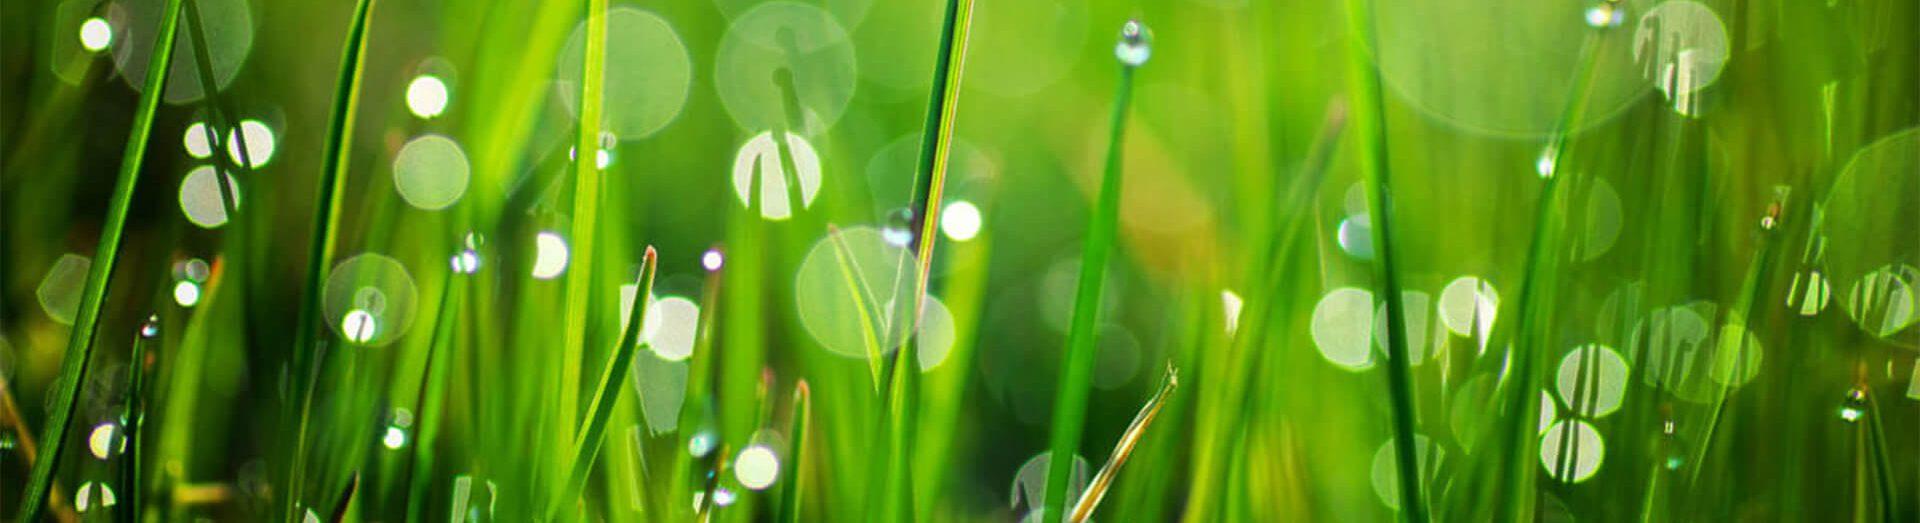 banner-grass-1-e1578365642517